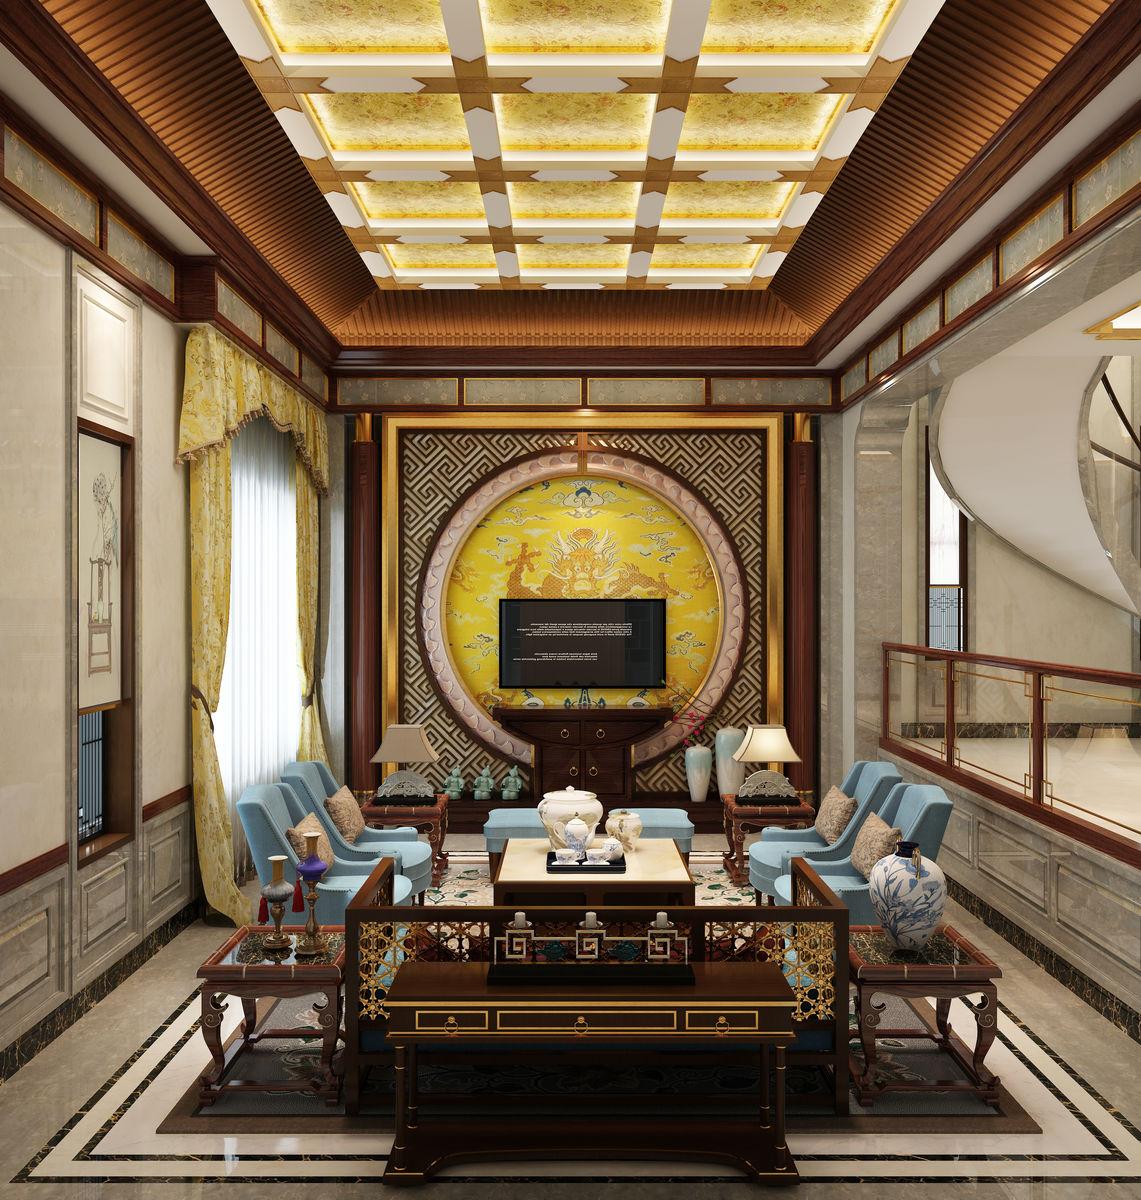 客厅,效果图,客厅装饰,新中式客厅,居室设计,客餐厅,室内装饰,现代图片